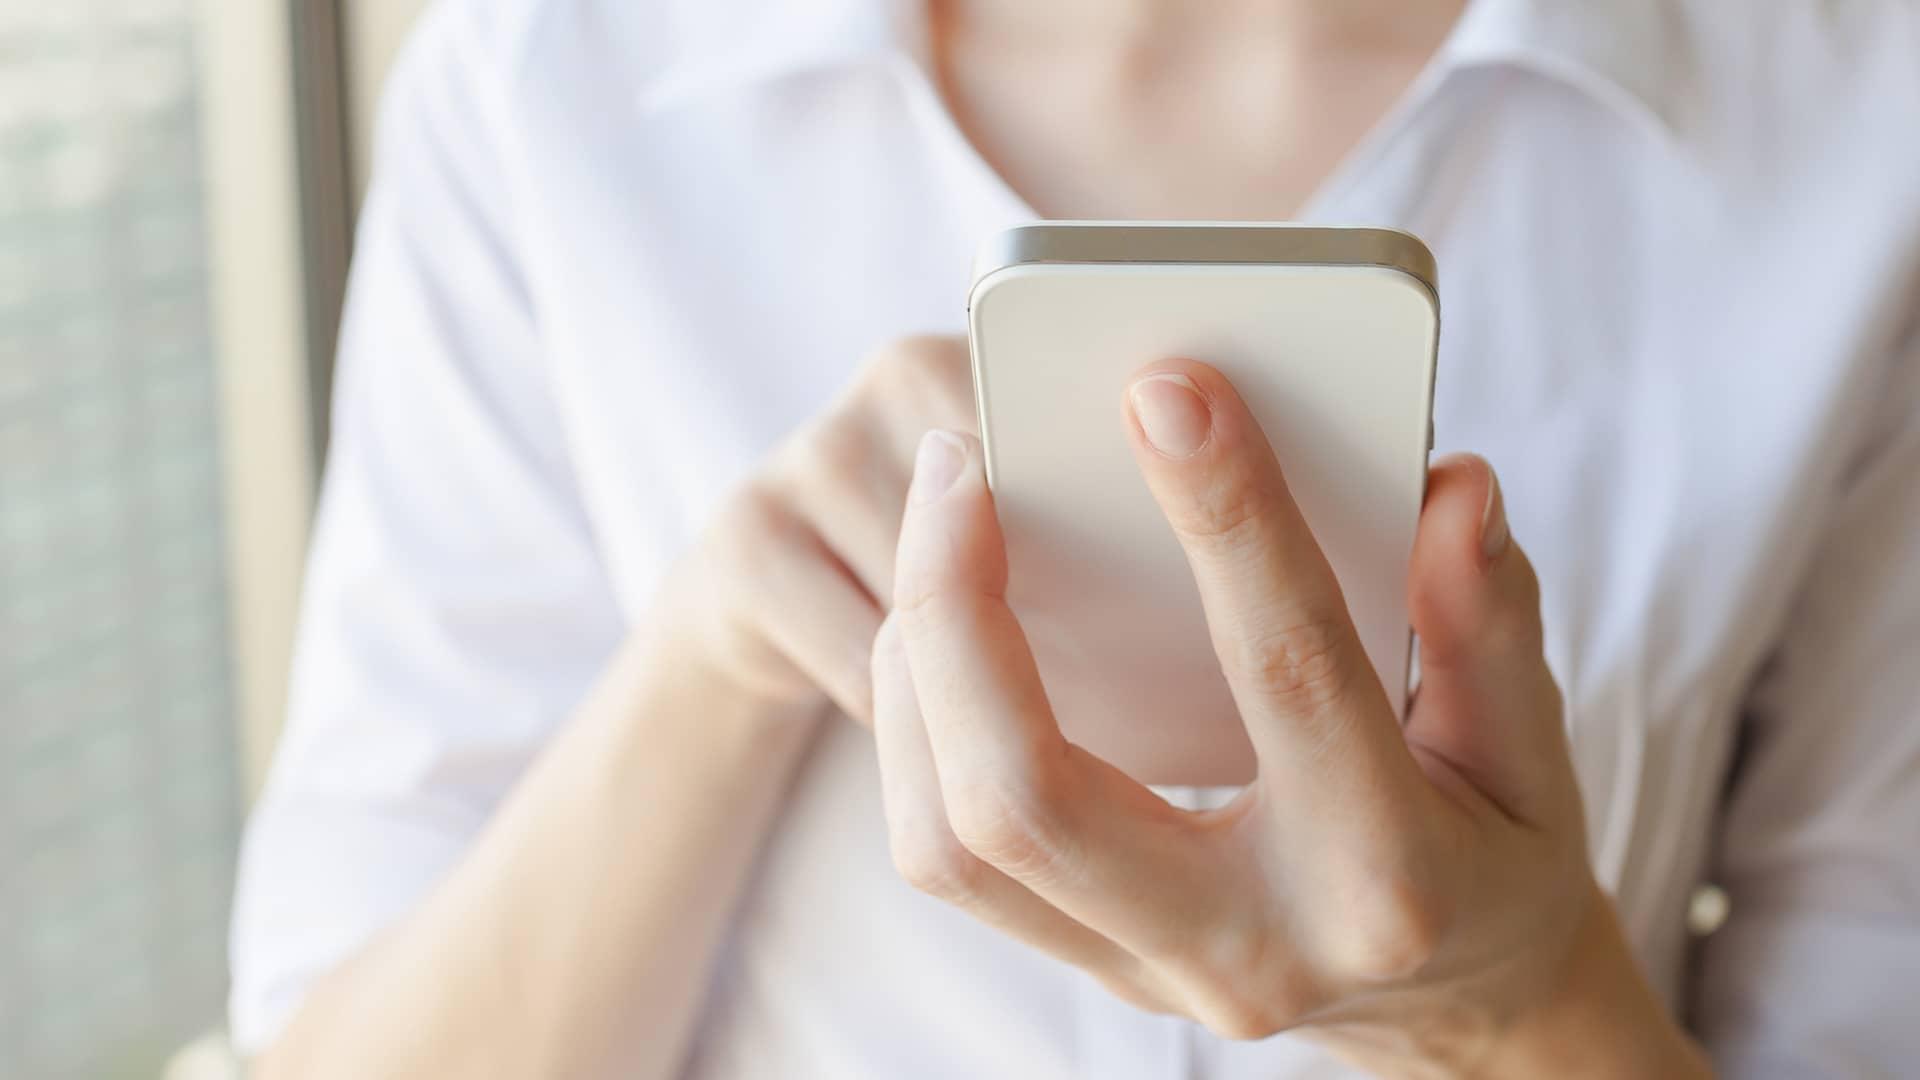 Pagos a terceros en Vodafone: cómo desactivar